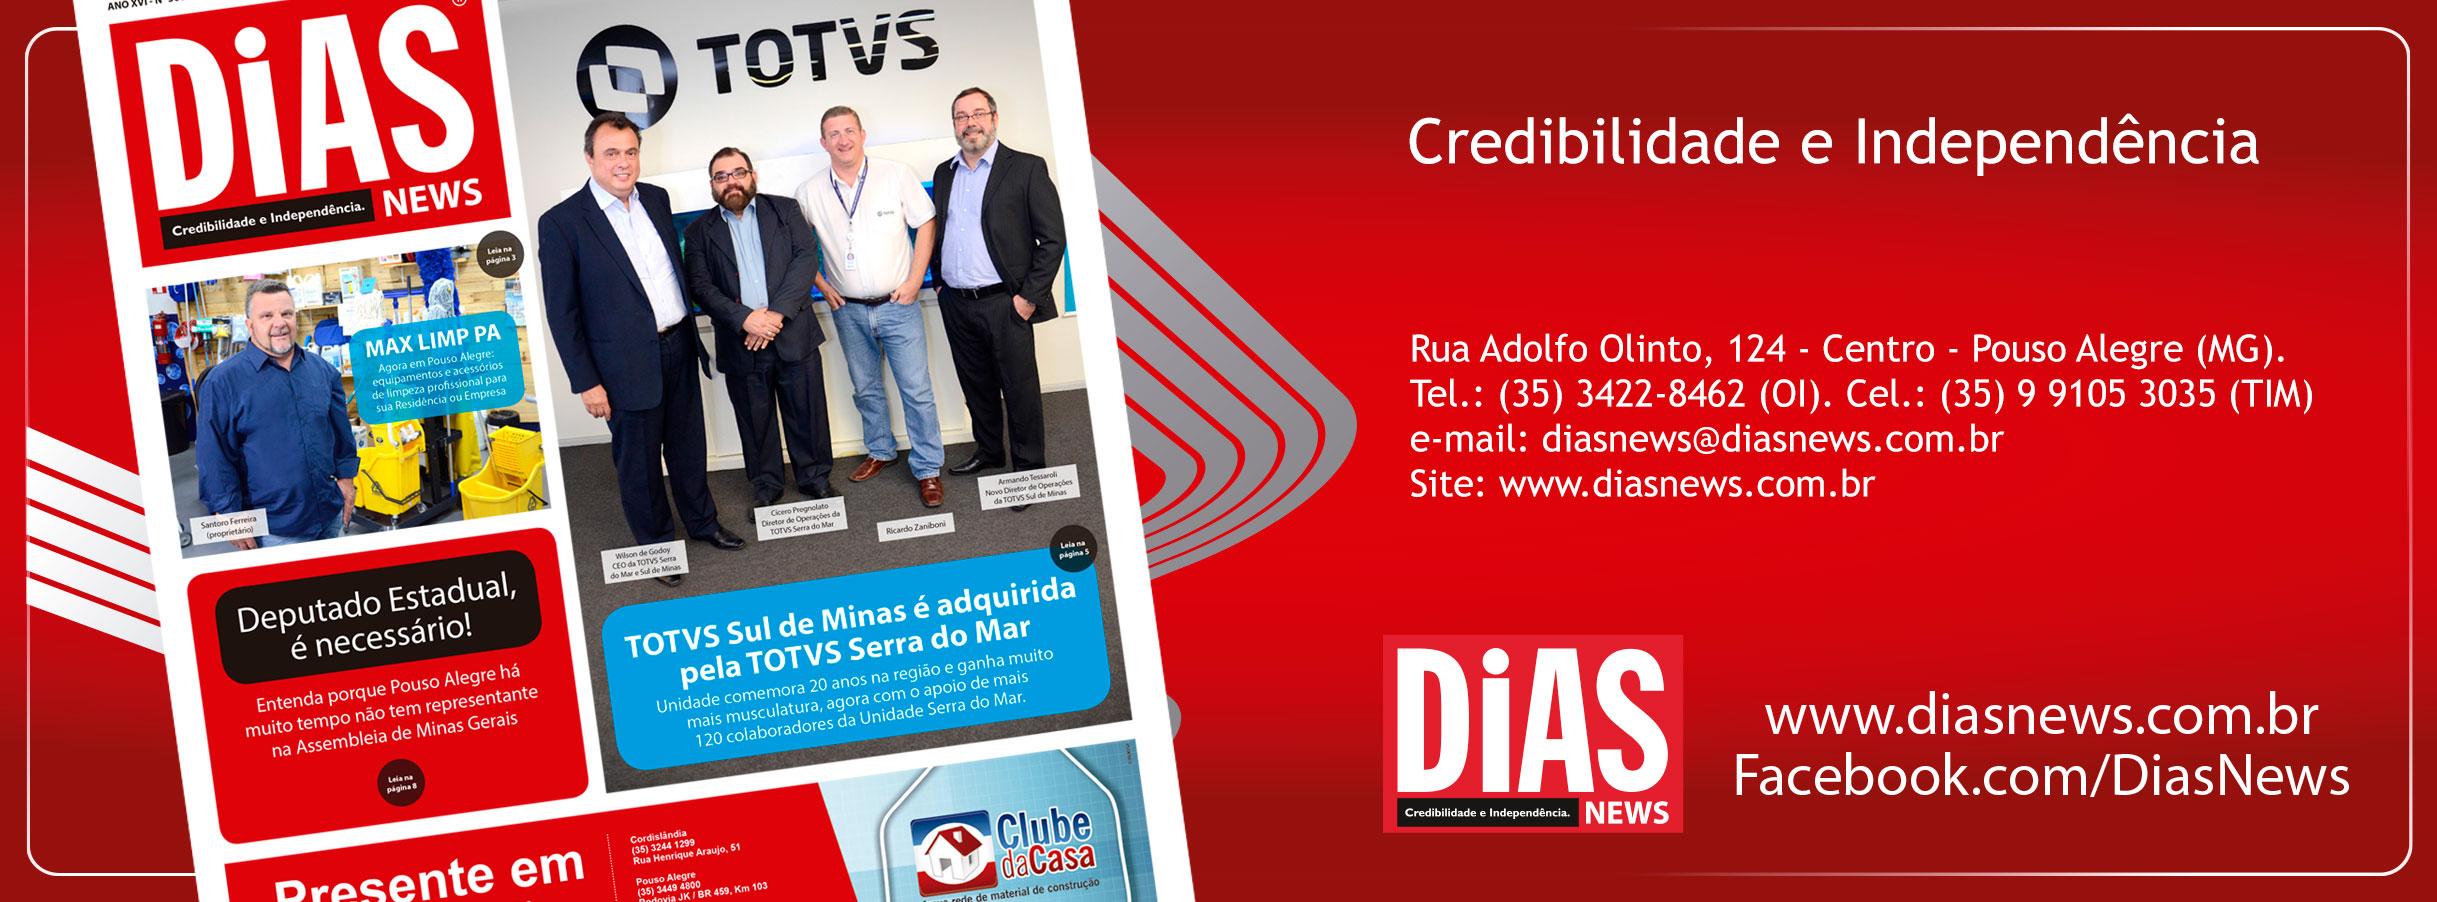 CLICK AQUI e acesse a edição 366 do Dias News